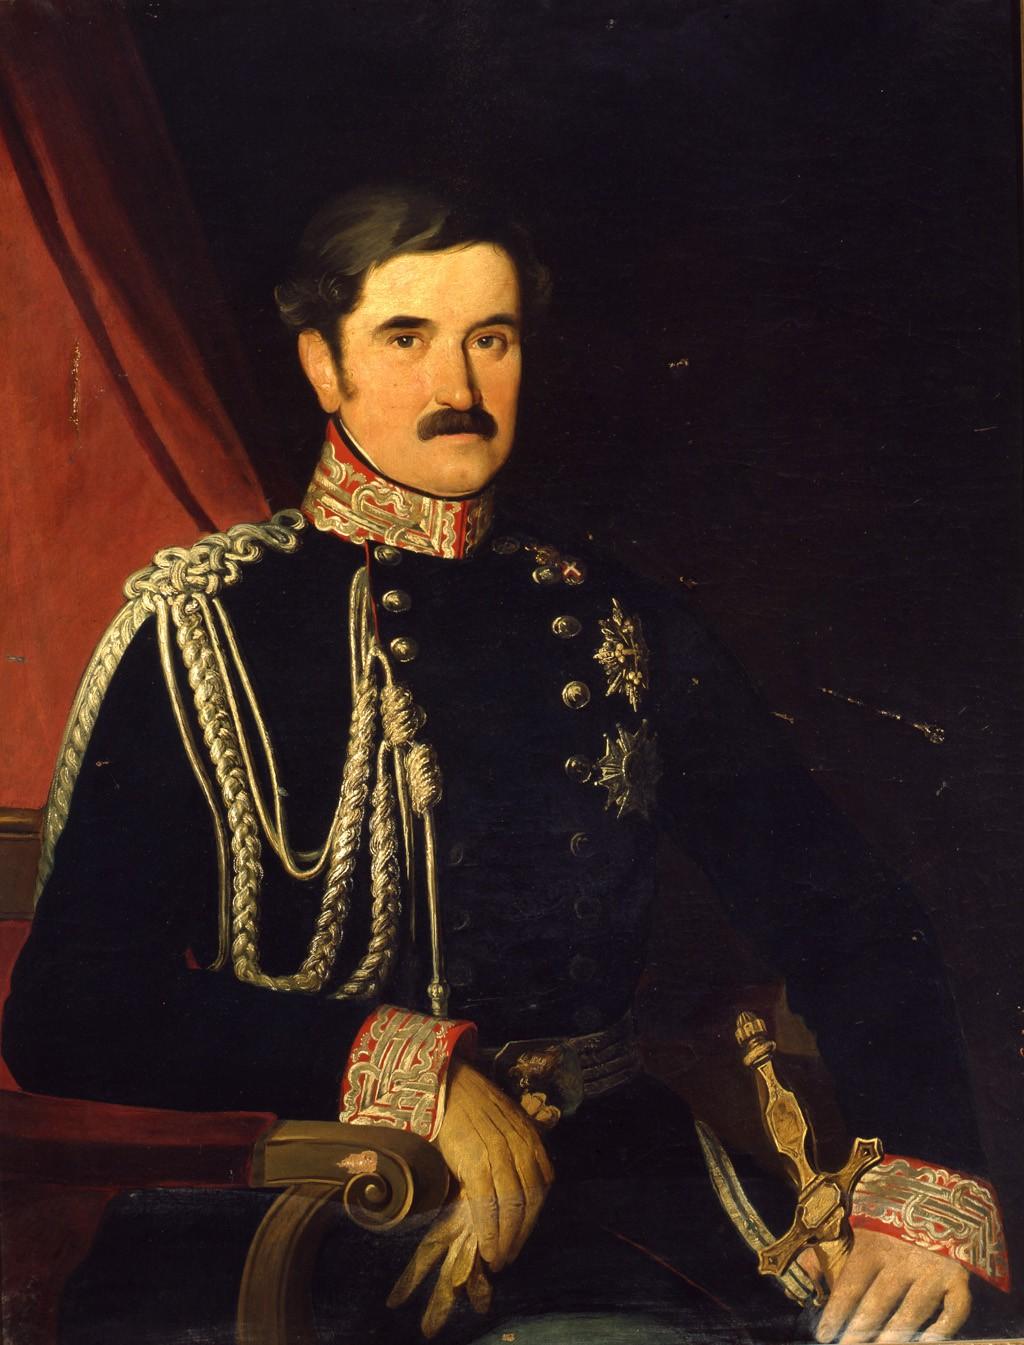 La prima guerra d indipendenza museotorino - Porta carlo alberto treviso ...